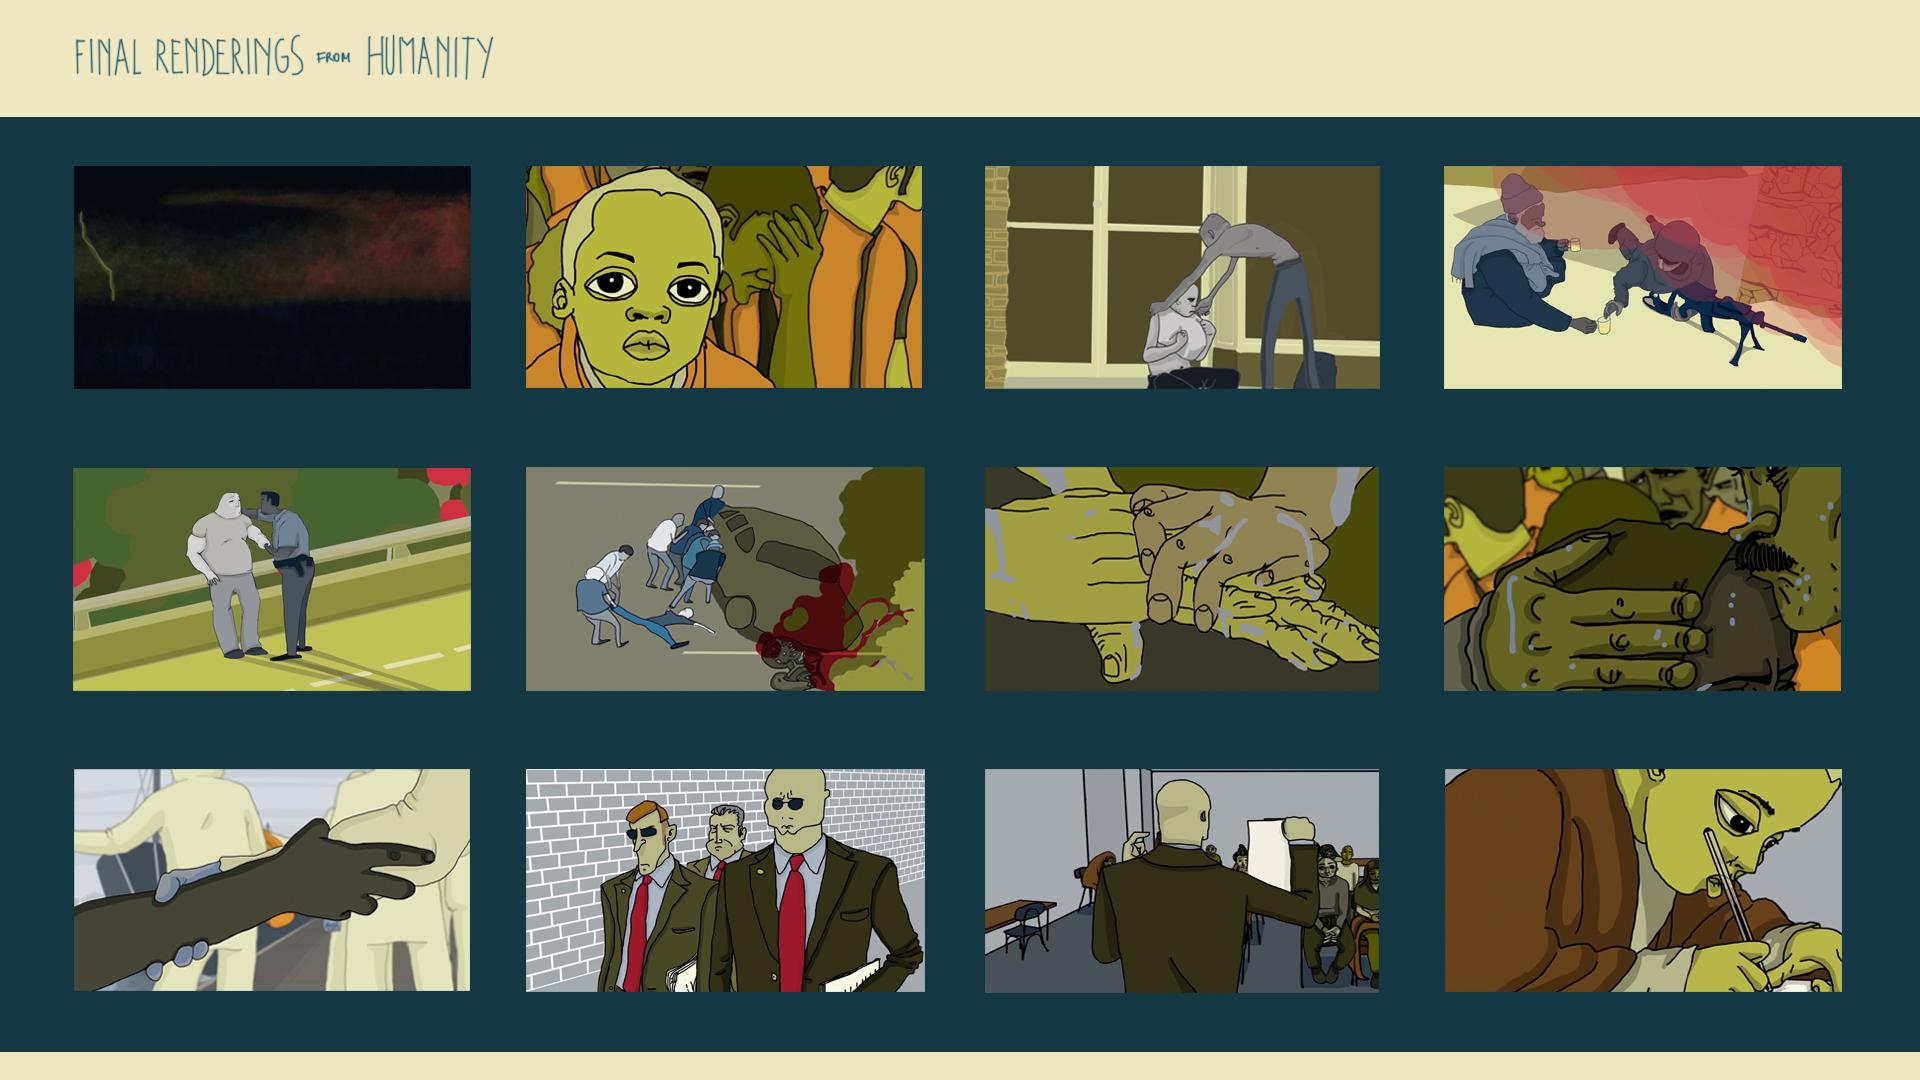 Humanity_film exploration_FINAL RENDERINGS.jpg